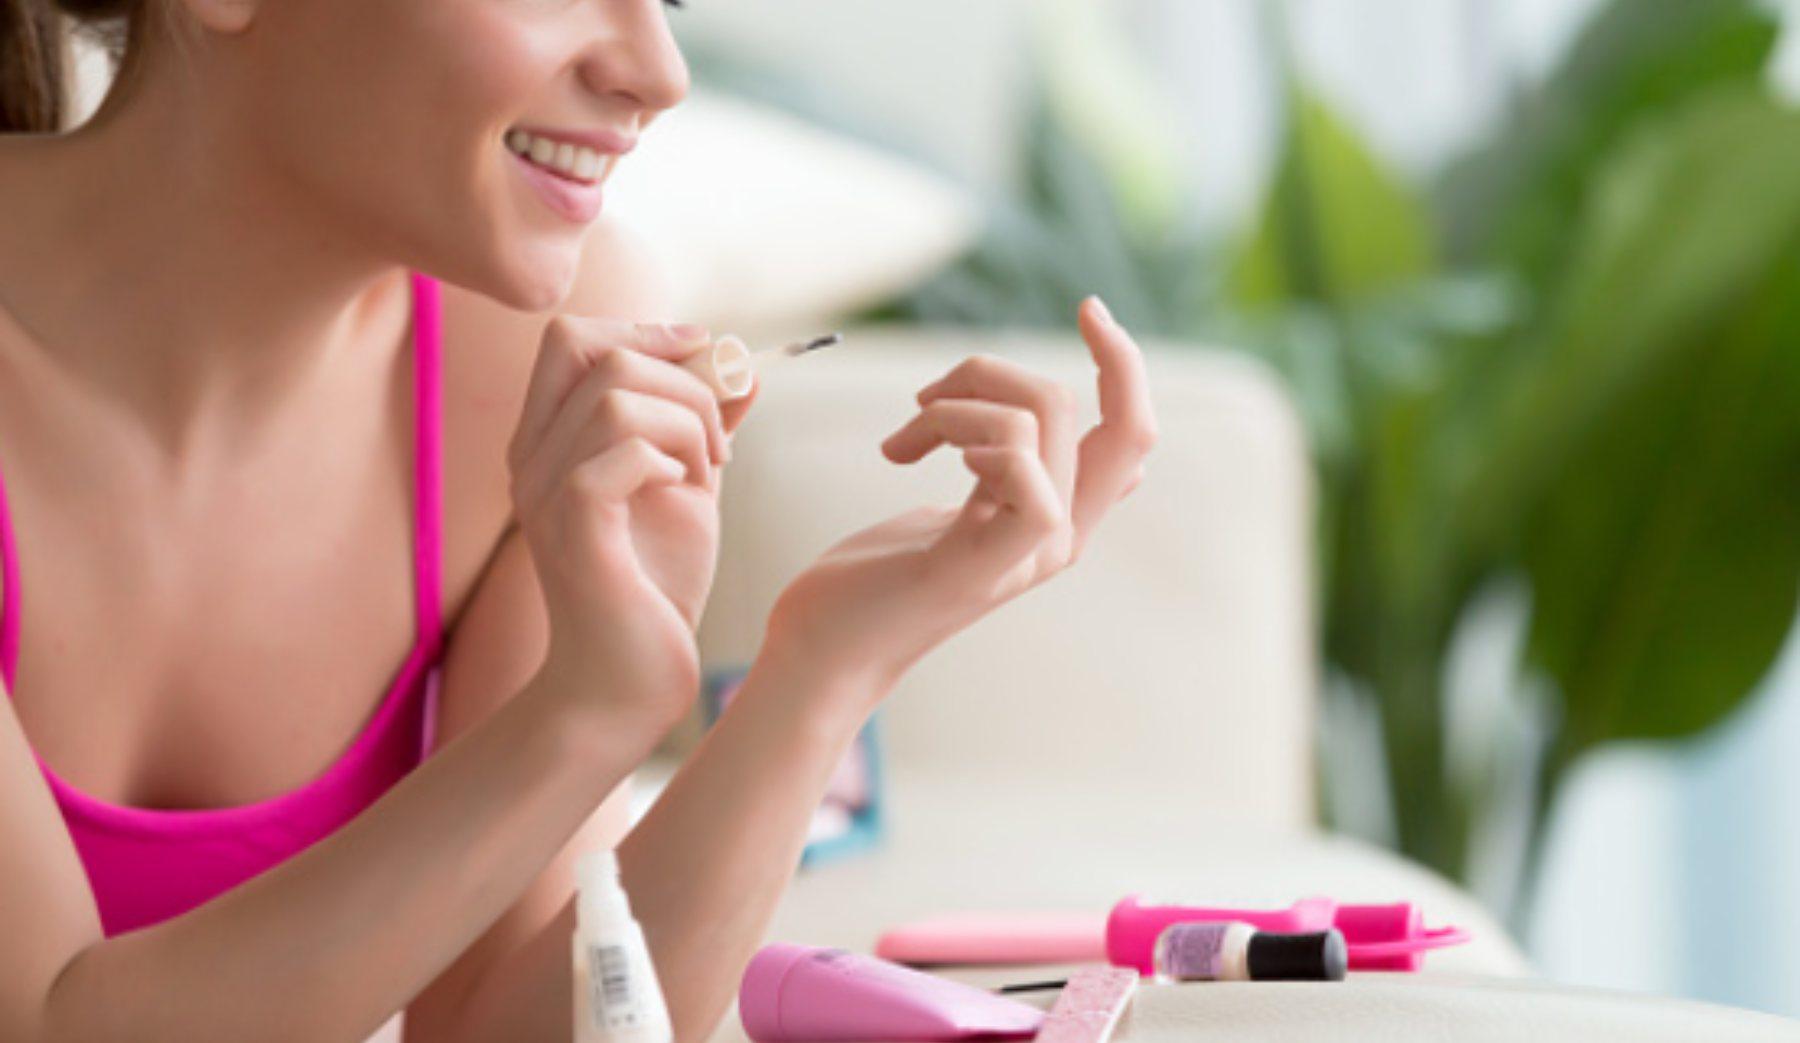 Pasos para pintarse las uñas en casa consiguiendo la manicura perfecta